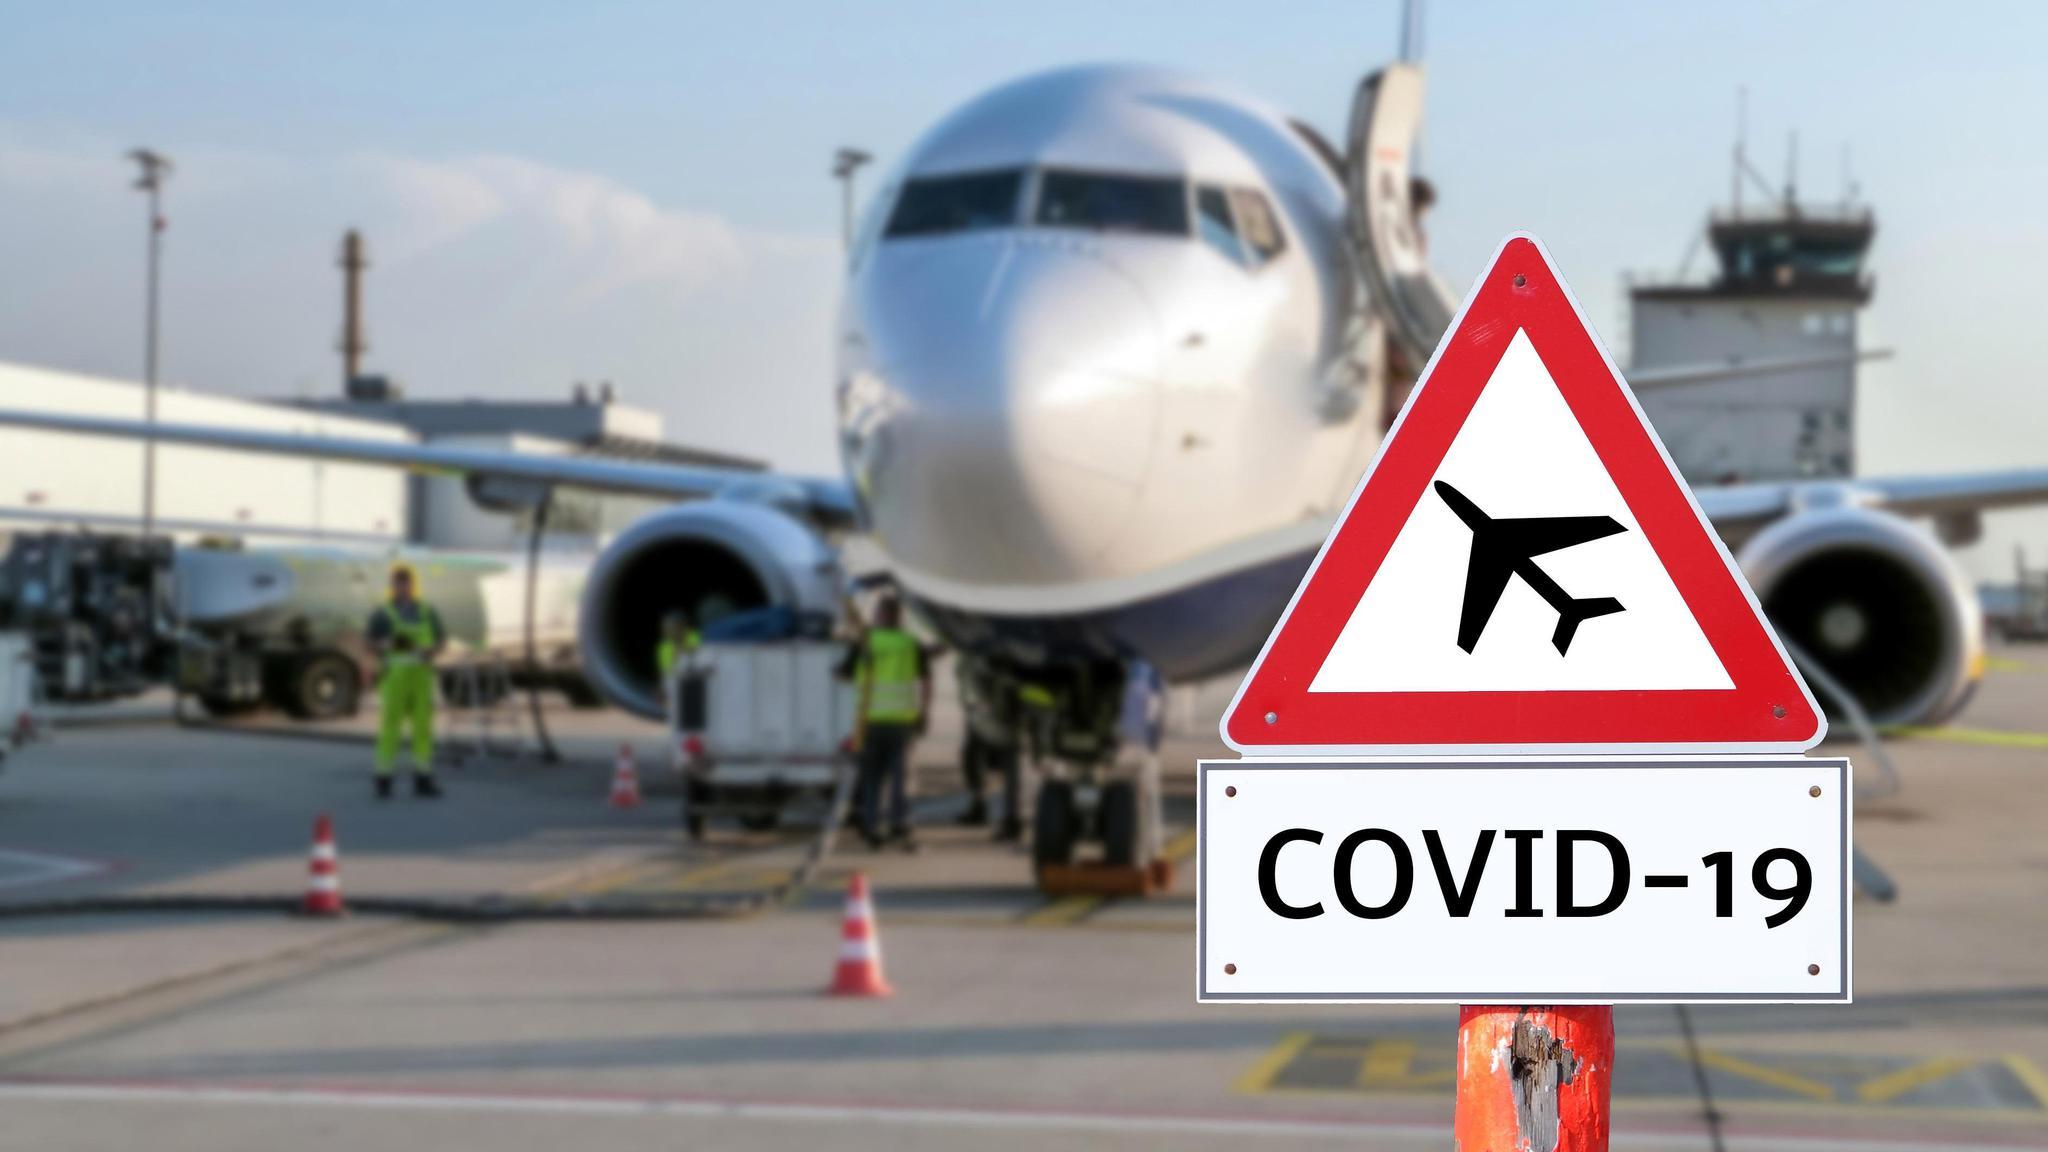 巴西卫生监督局对来自英国的航班进行安全检查